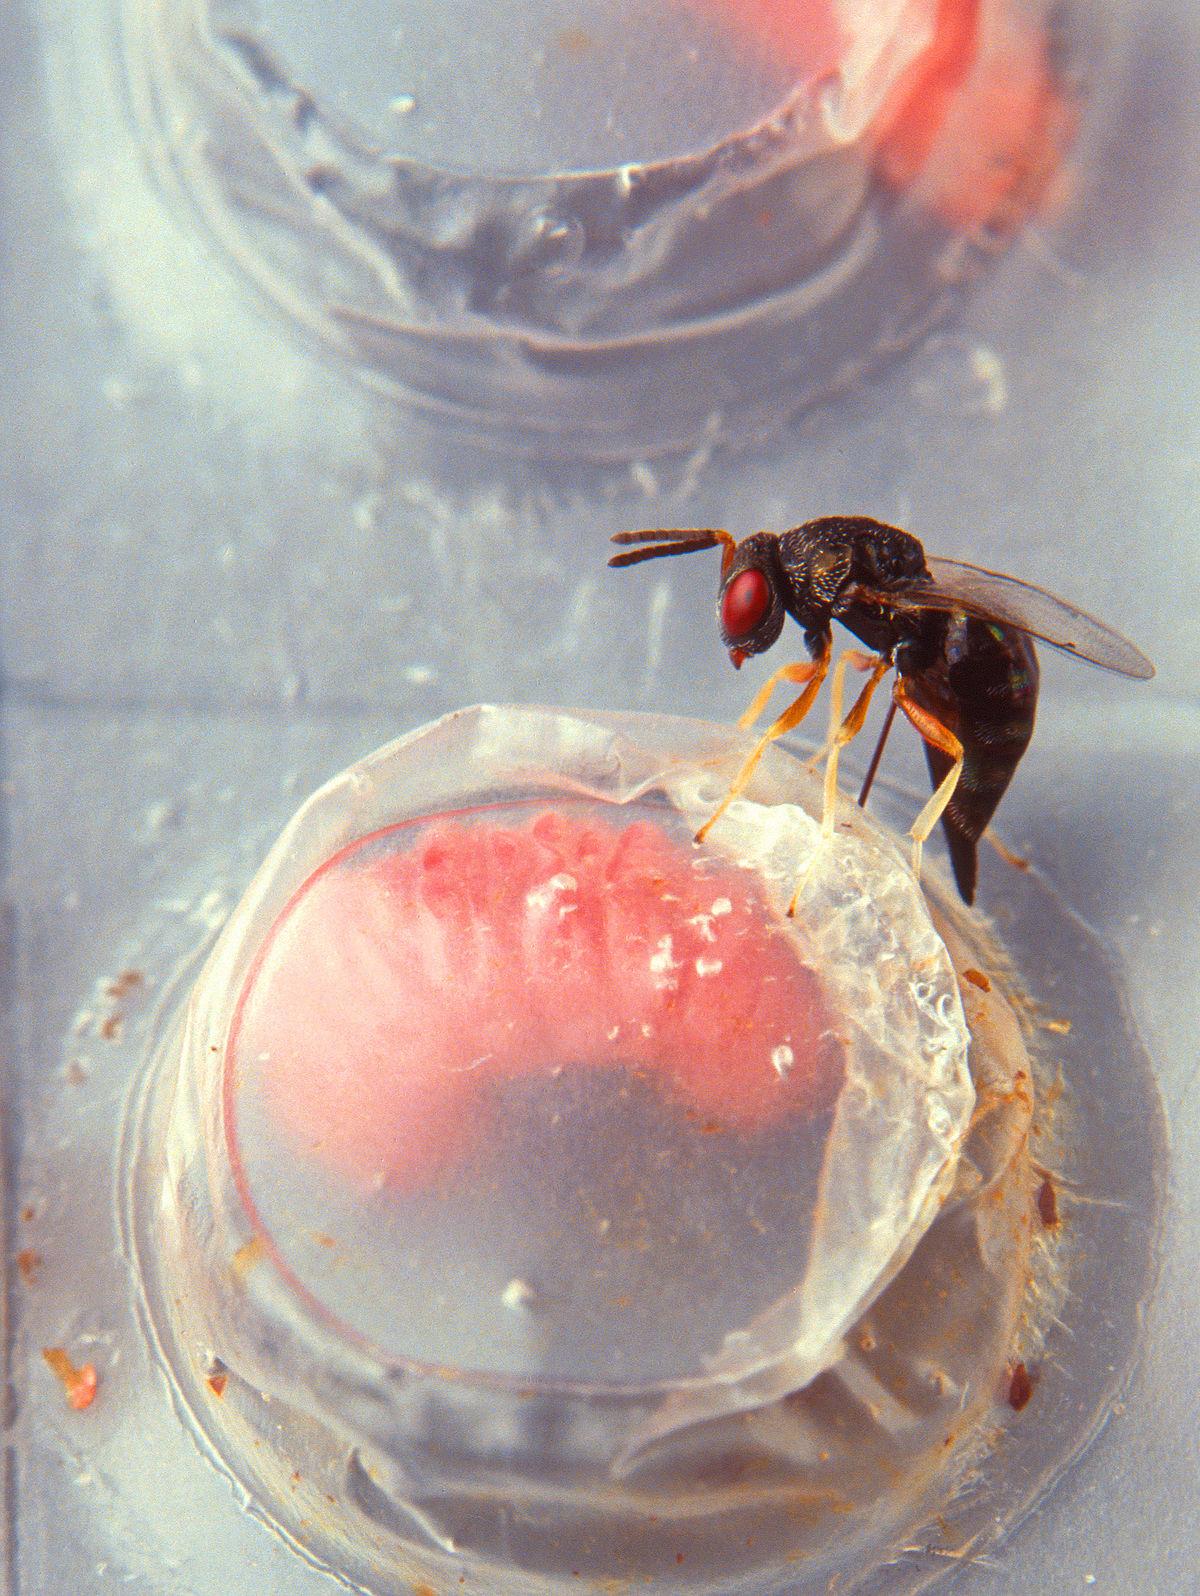 férgek a gyermekek kezelésének áttekintése a paraziták megtisztítása mely napokon